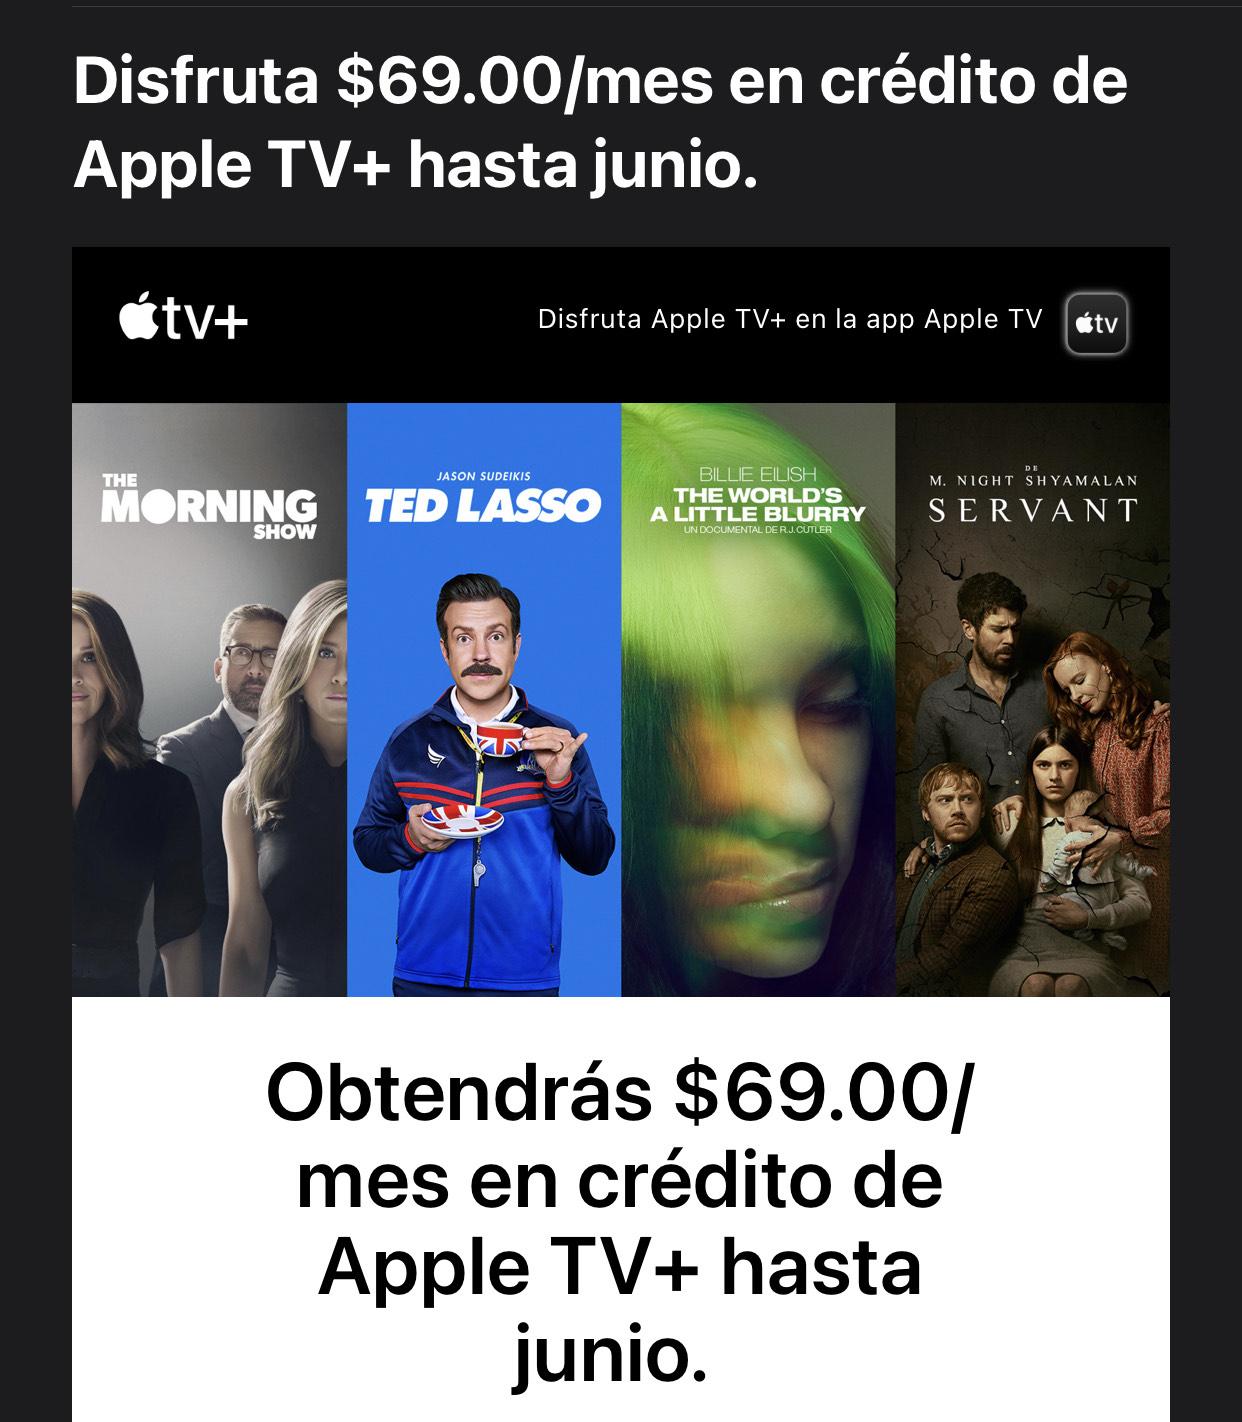 Apple TV - Crédito por $69